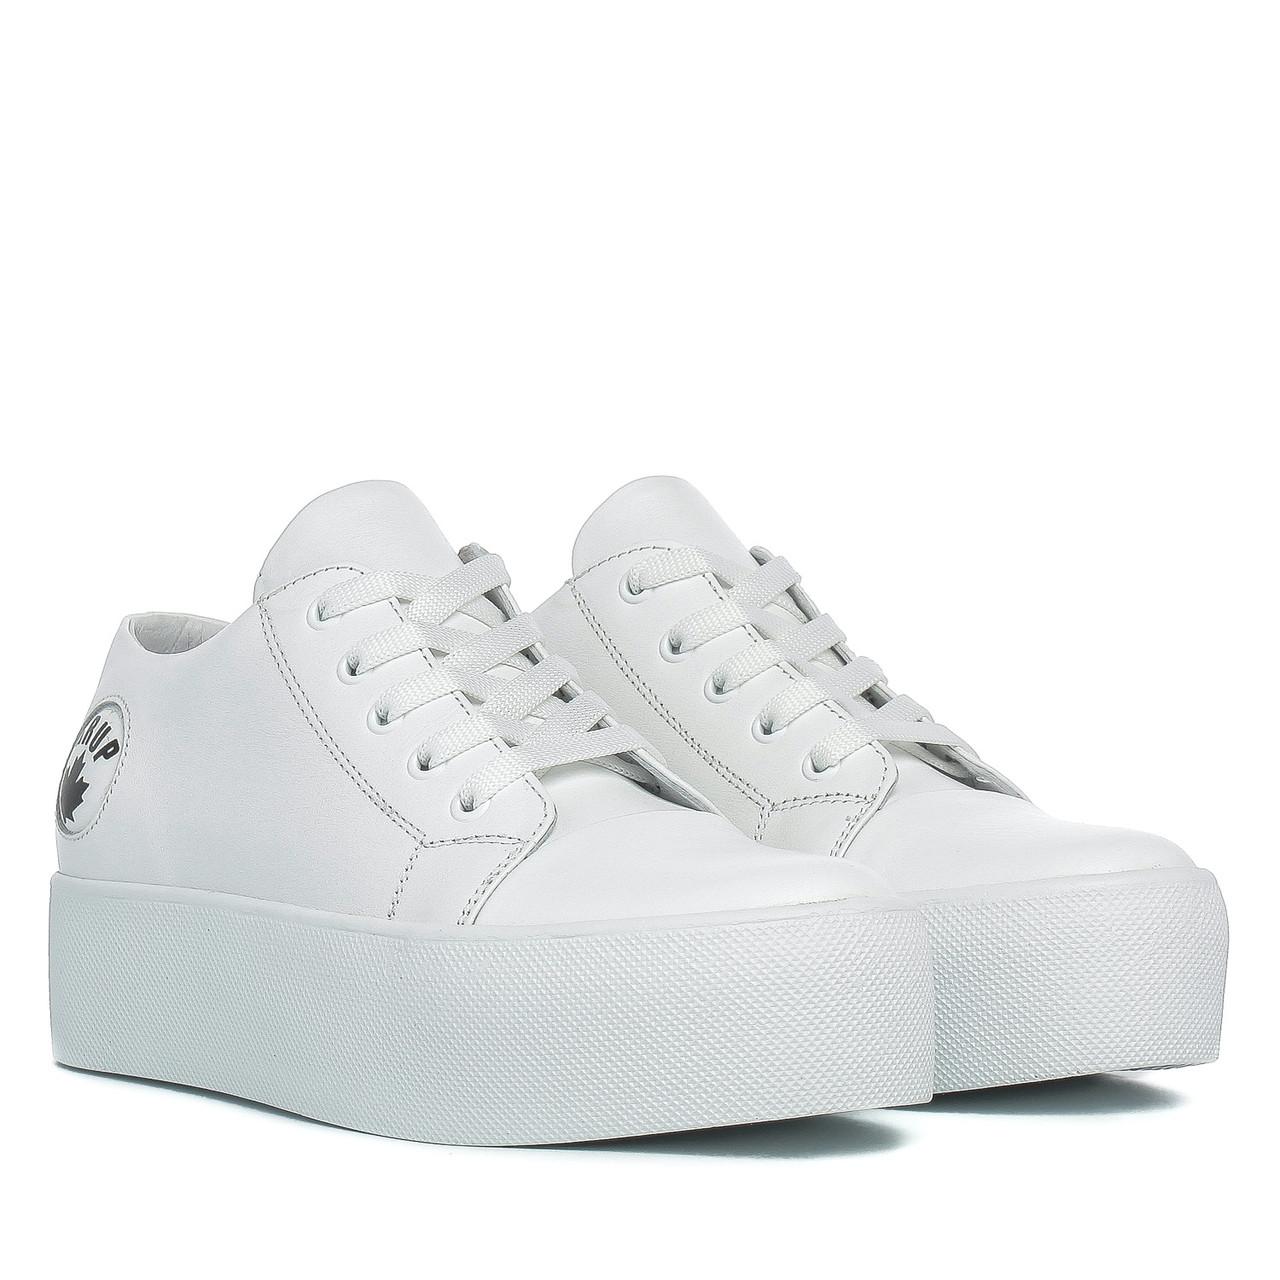 9e3857117 Купить Кеды женские DITAS (белые, кожаные, на высокой платформе ...